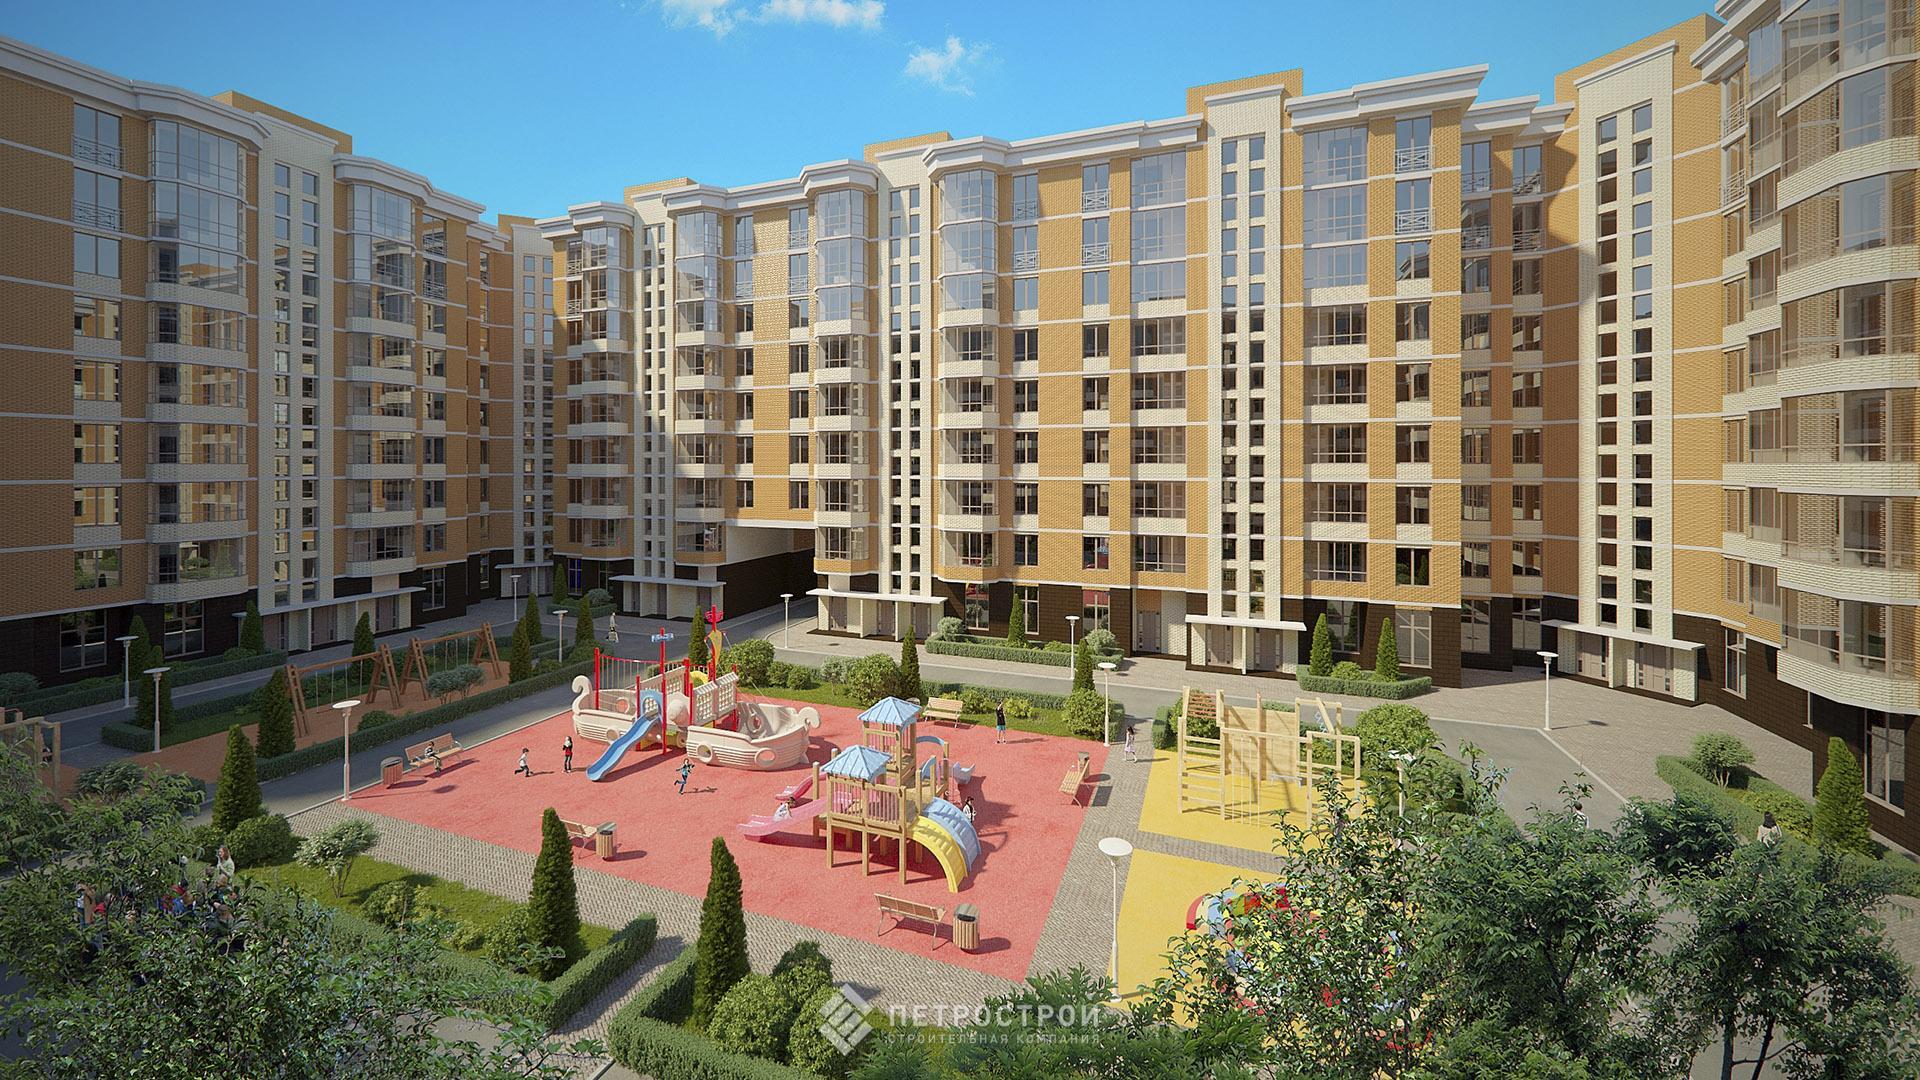 Новости в нижнеомском районе омской области